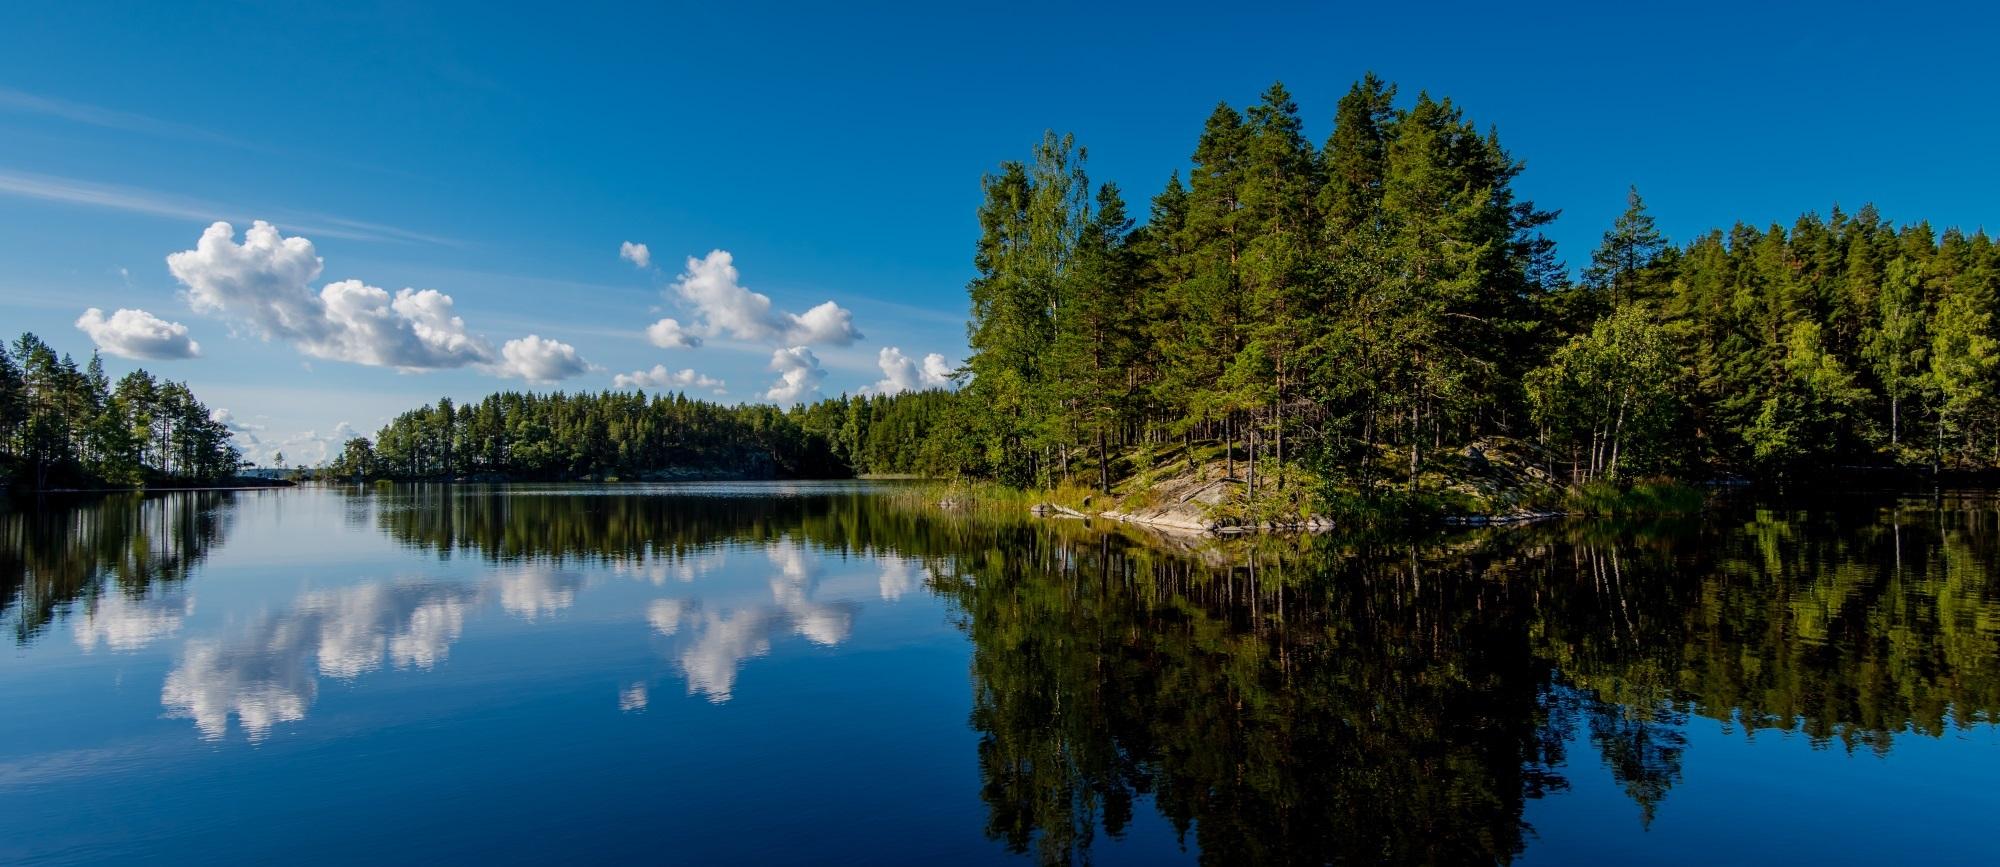 Finland-Mikkeli-Savonlinna-Lake-Saimaa.jpg